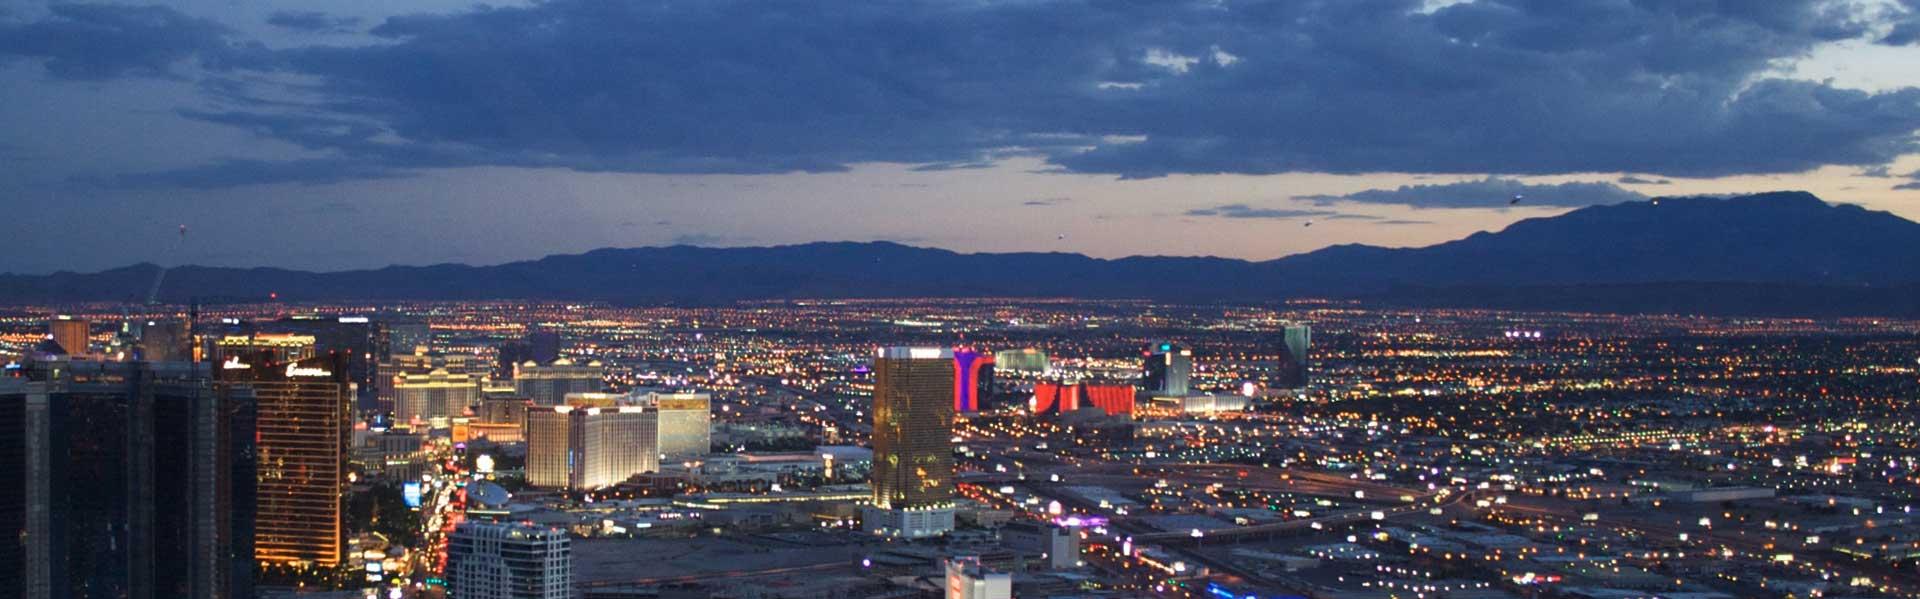 Vegas Nachtrundflug